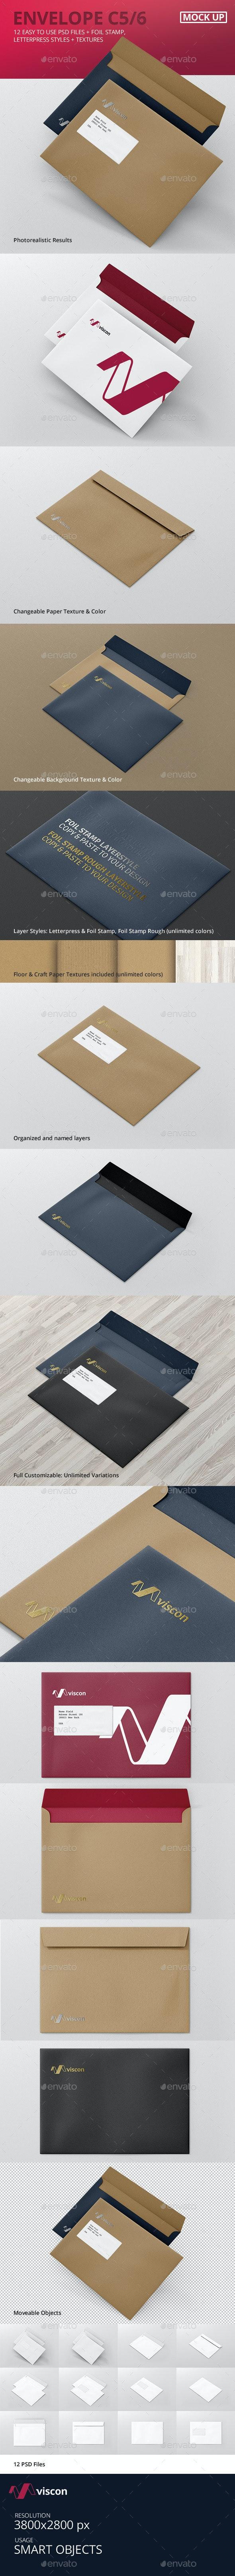 Envelope C5 Mock-Up - Stationery Print